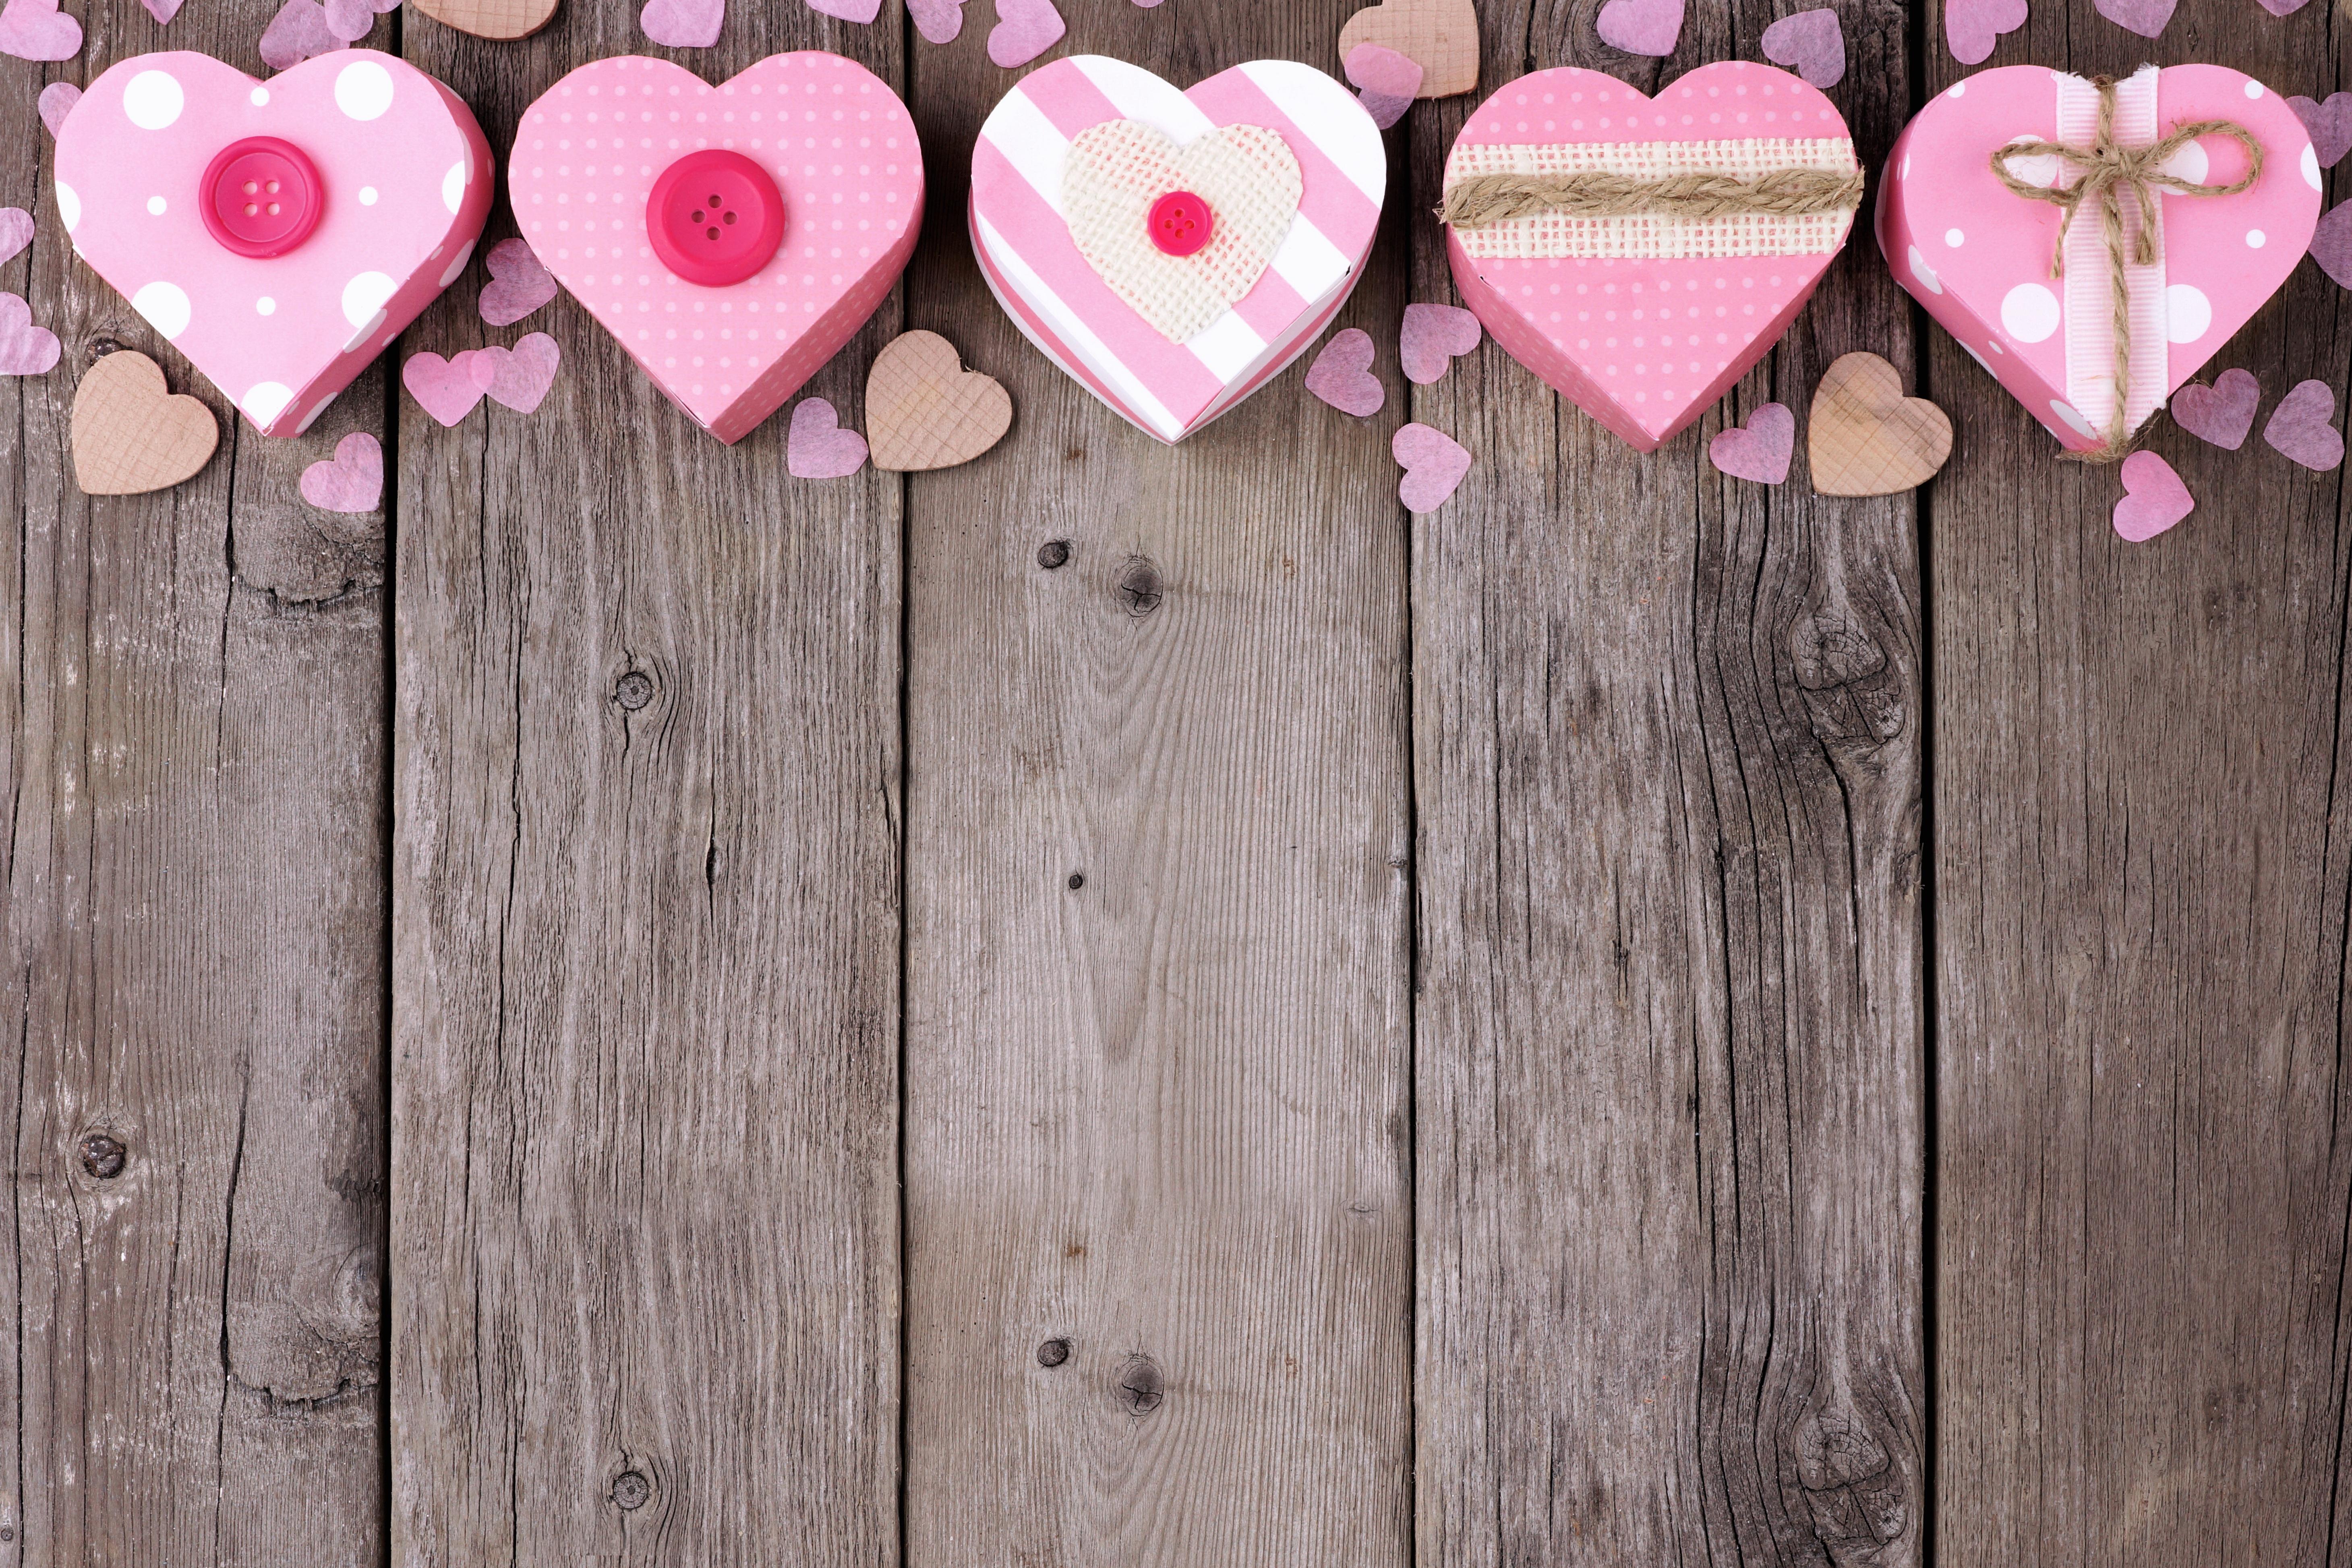 штукатурка фон стильные сердечки есть